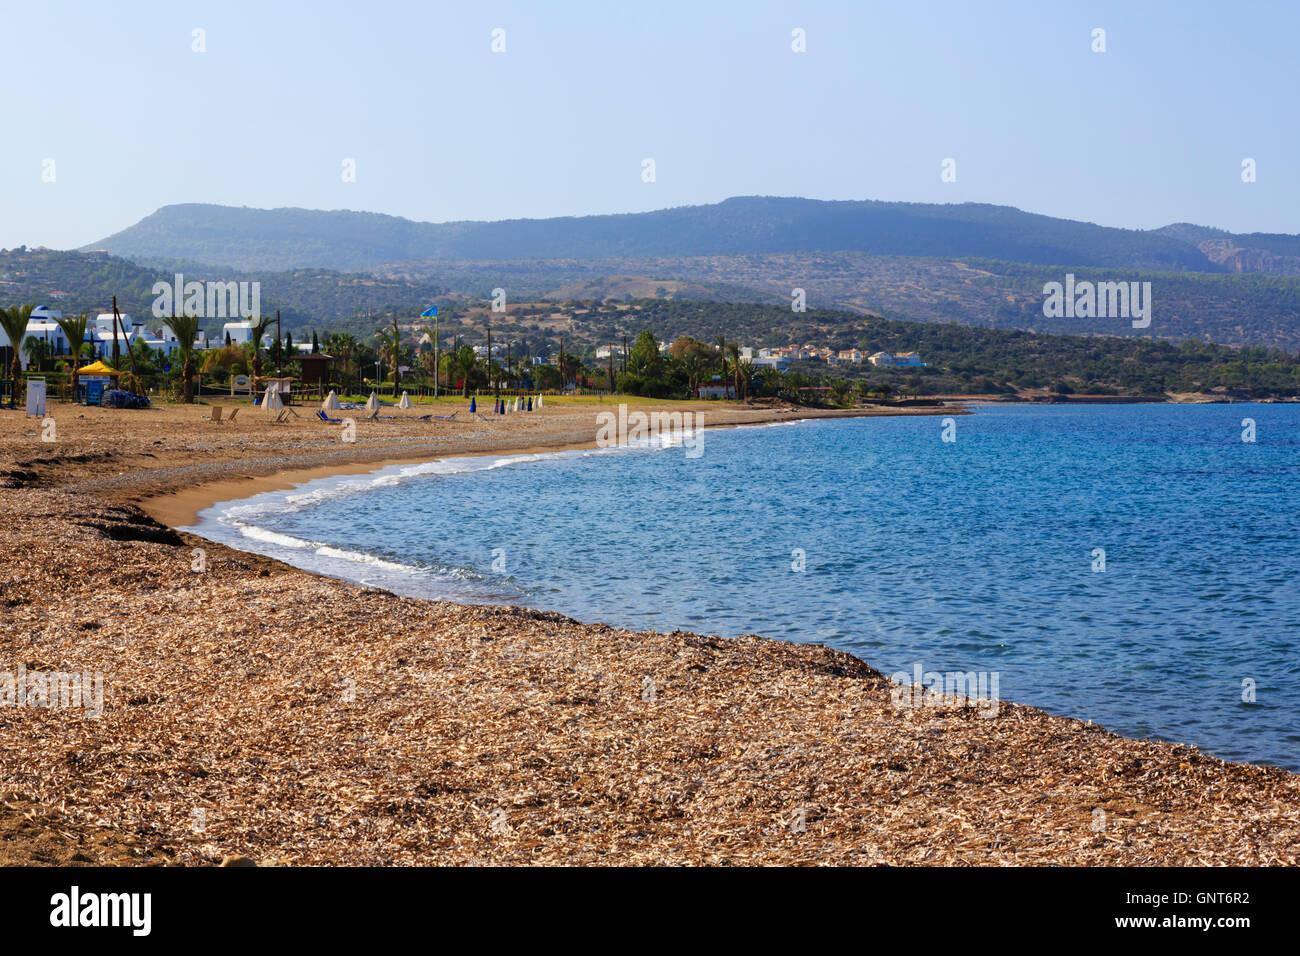 latchi-beach-polis-cyprus-GNT6R2.jpg